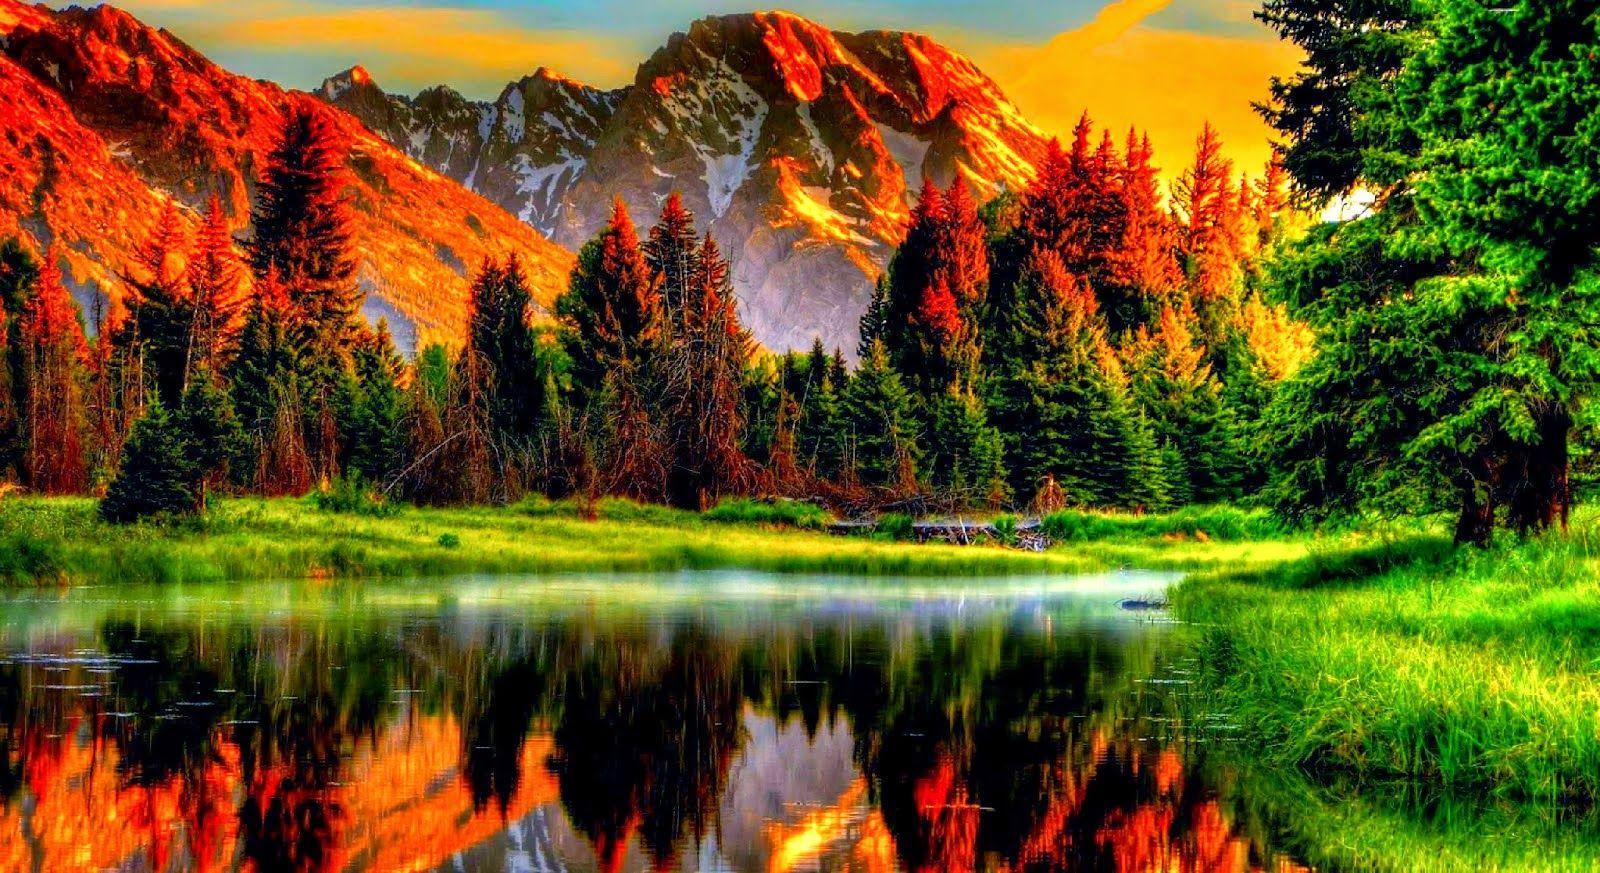 49 best free scenery hd desktop wallpapers - wallpaperaccess